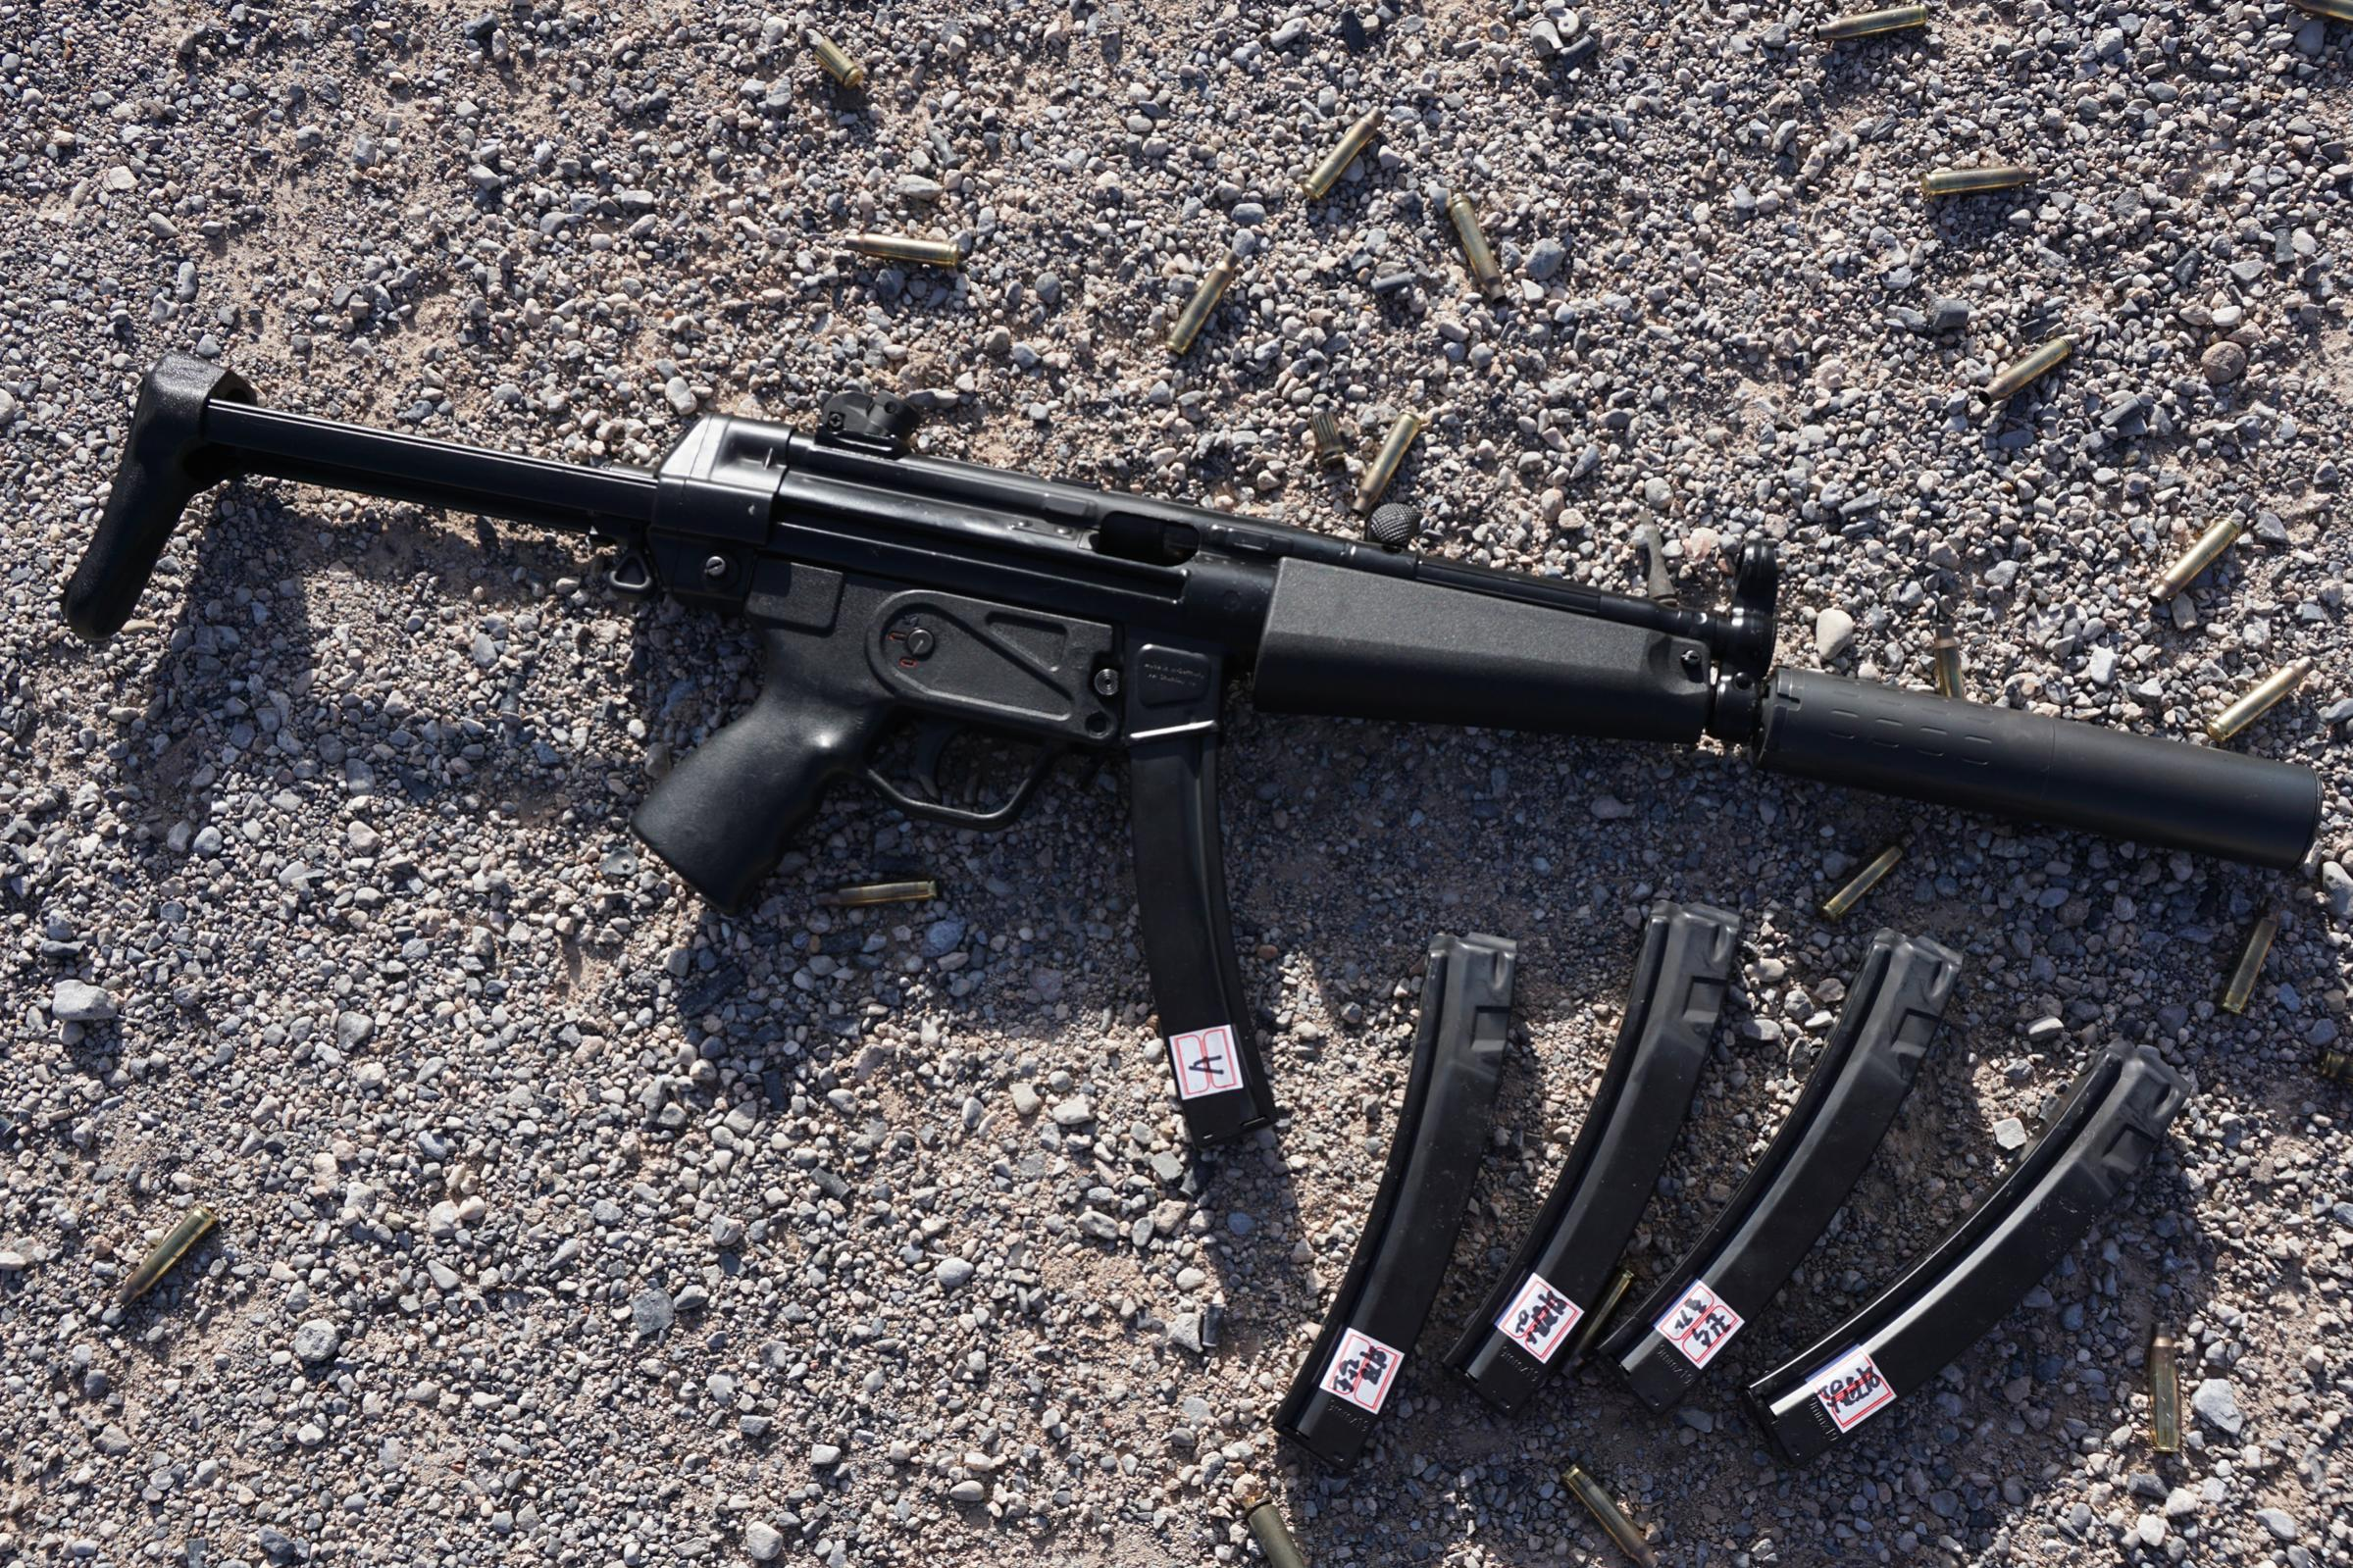 Gen 2 MP5 30rd Magazine @ DSRPC Las Vegas-hk-6.jpg